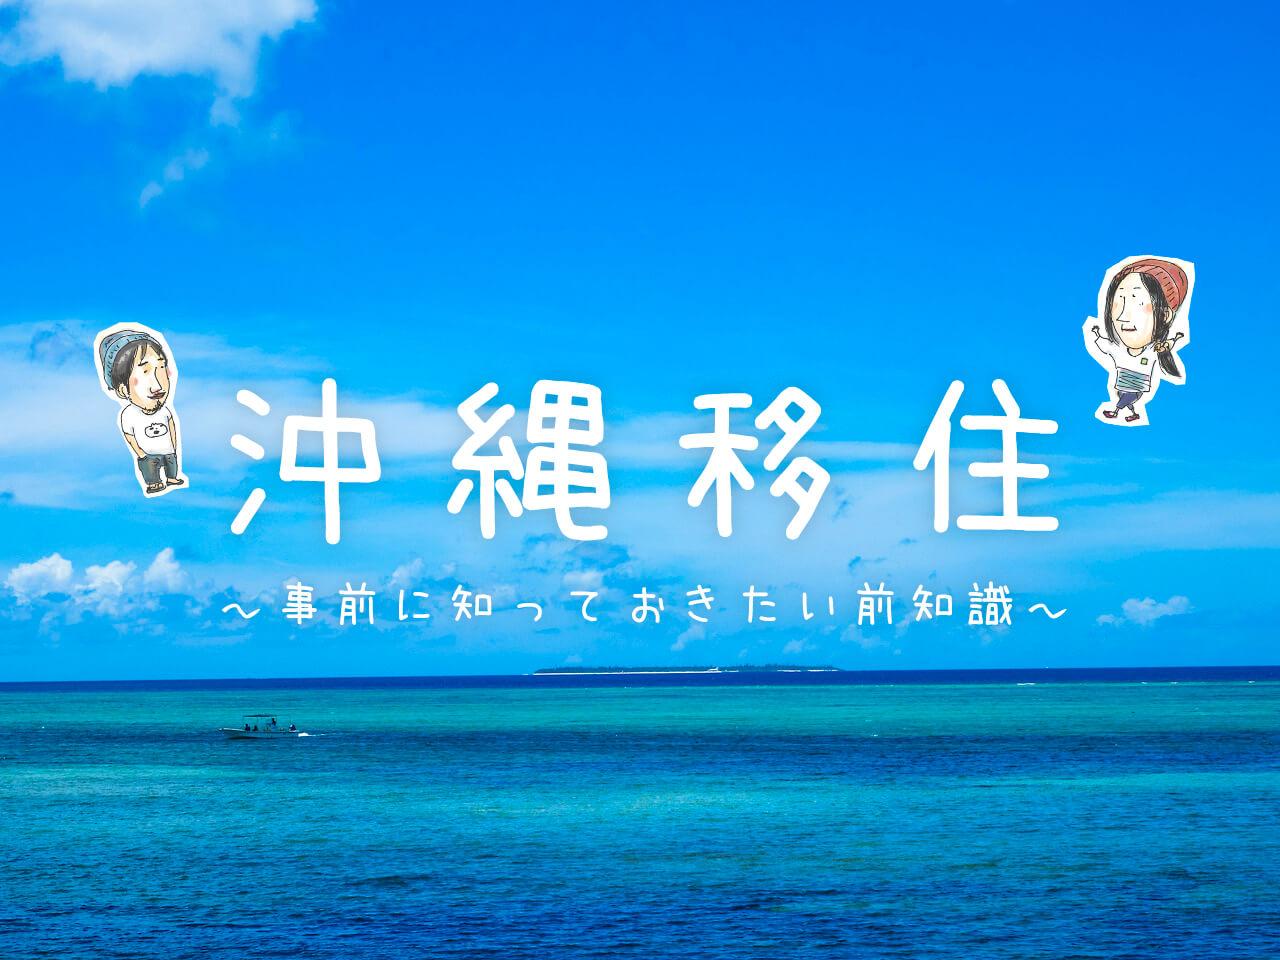 沖縄移住に知っておきたい前知識